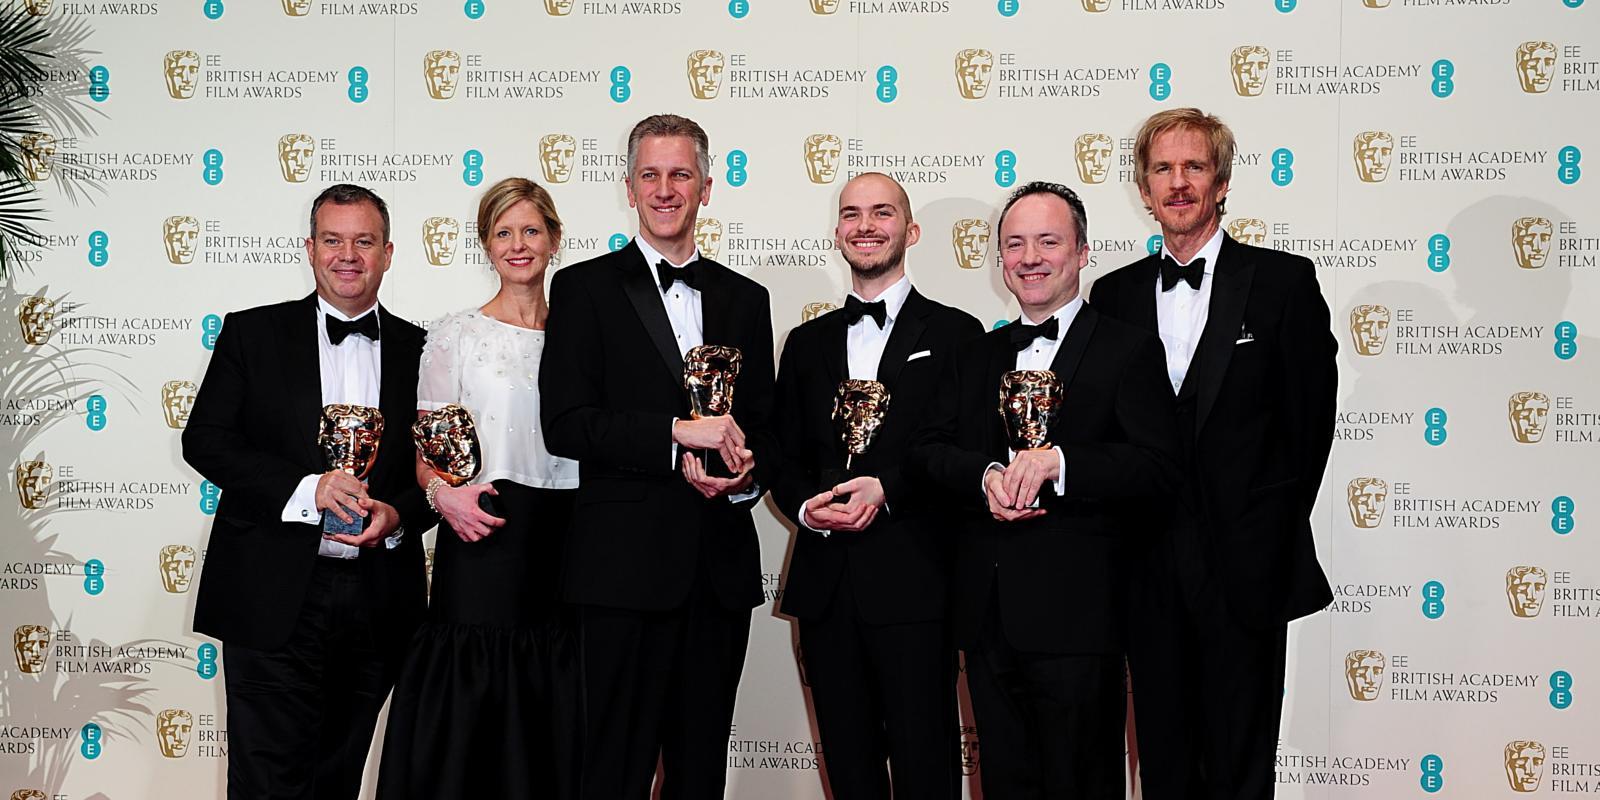 Baftas: BAFTAS 2014: Winners